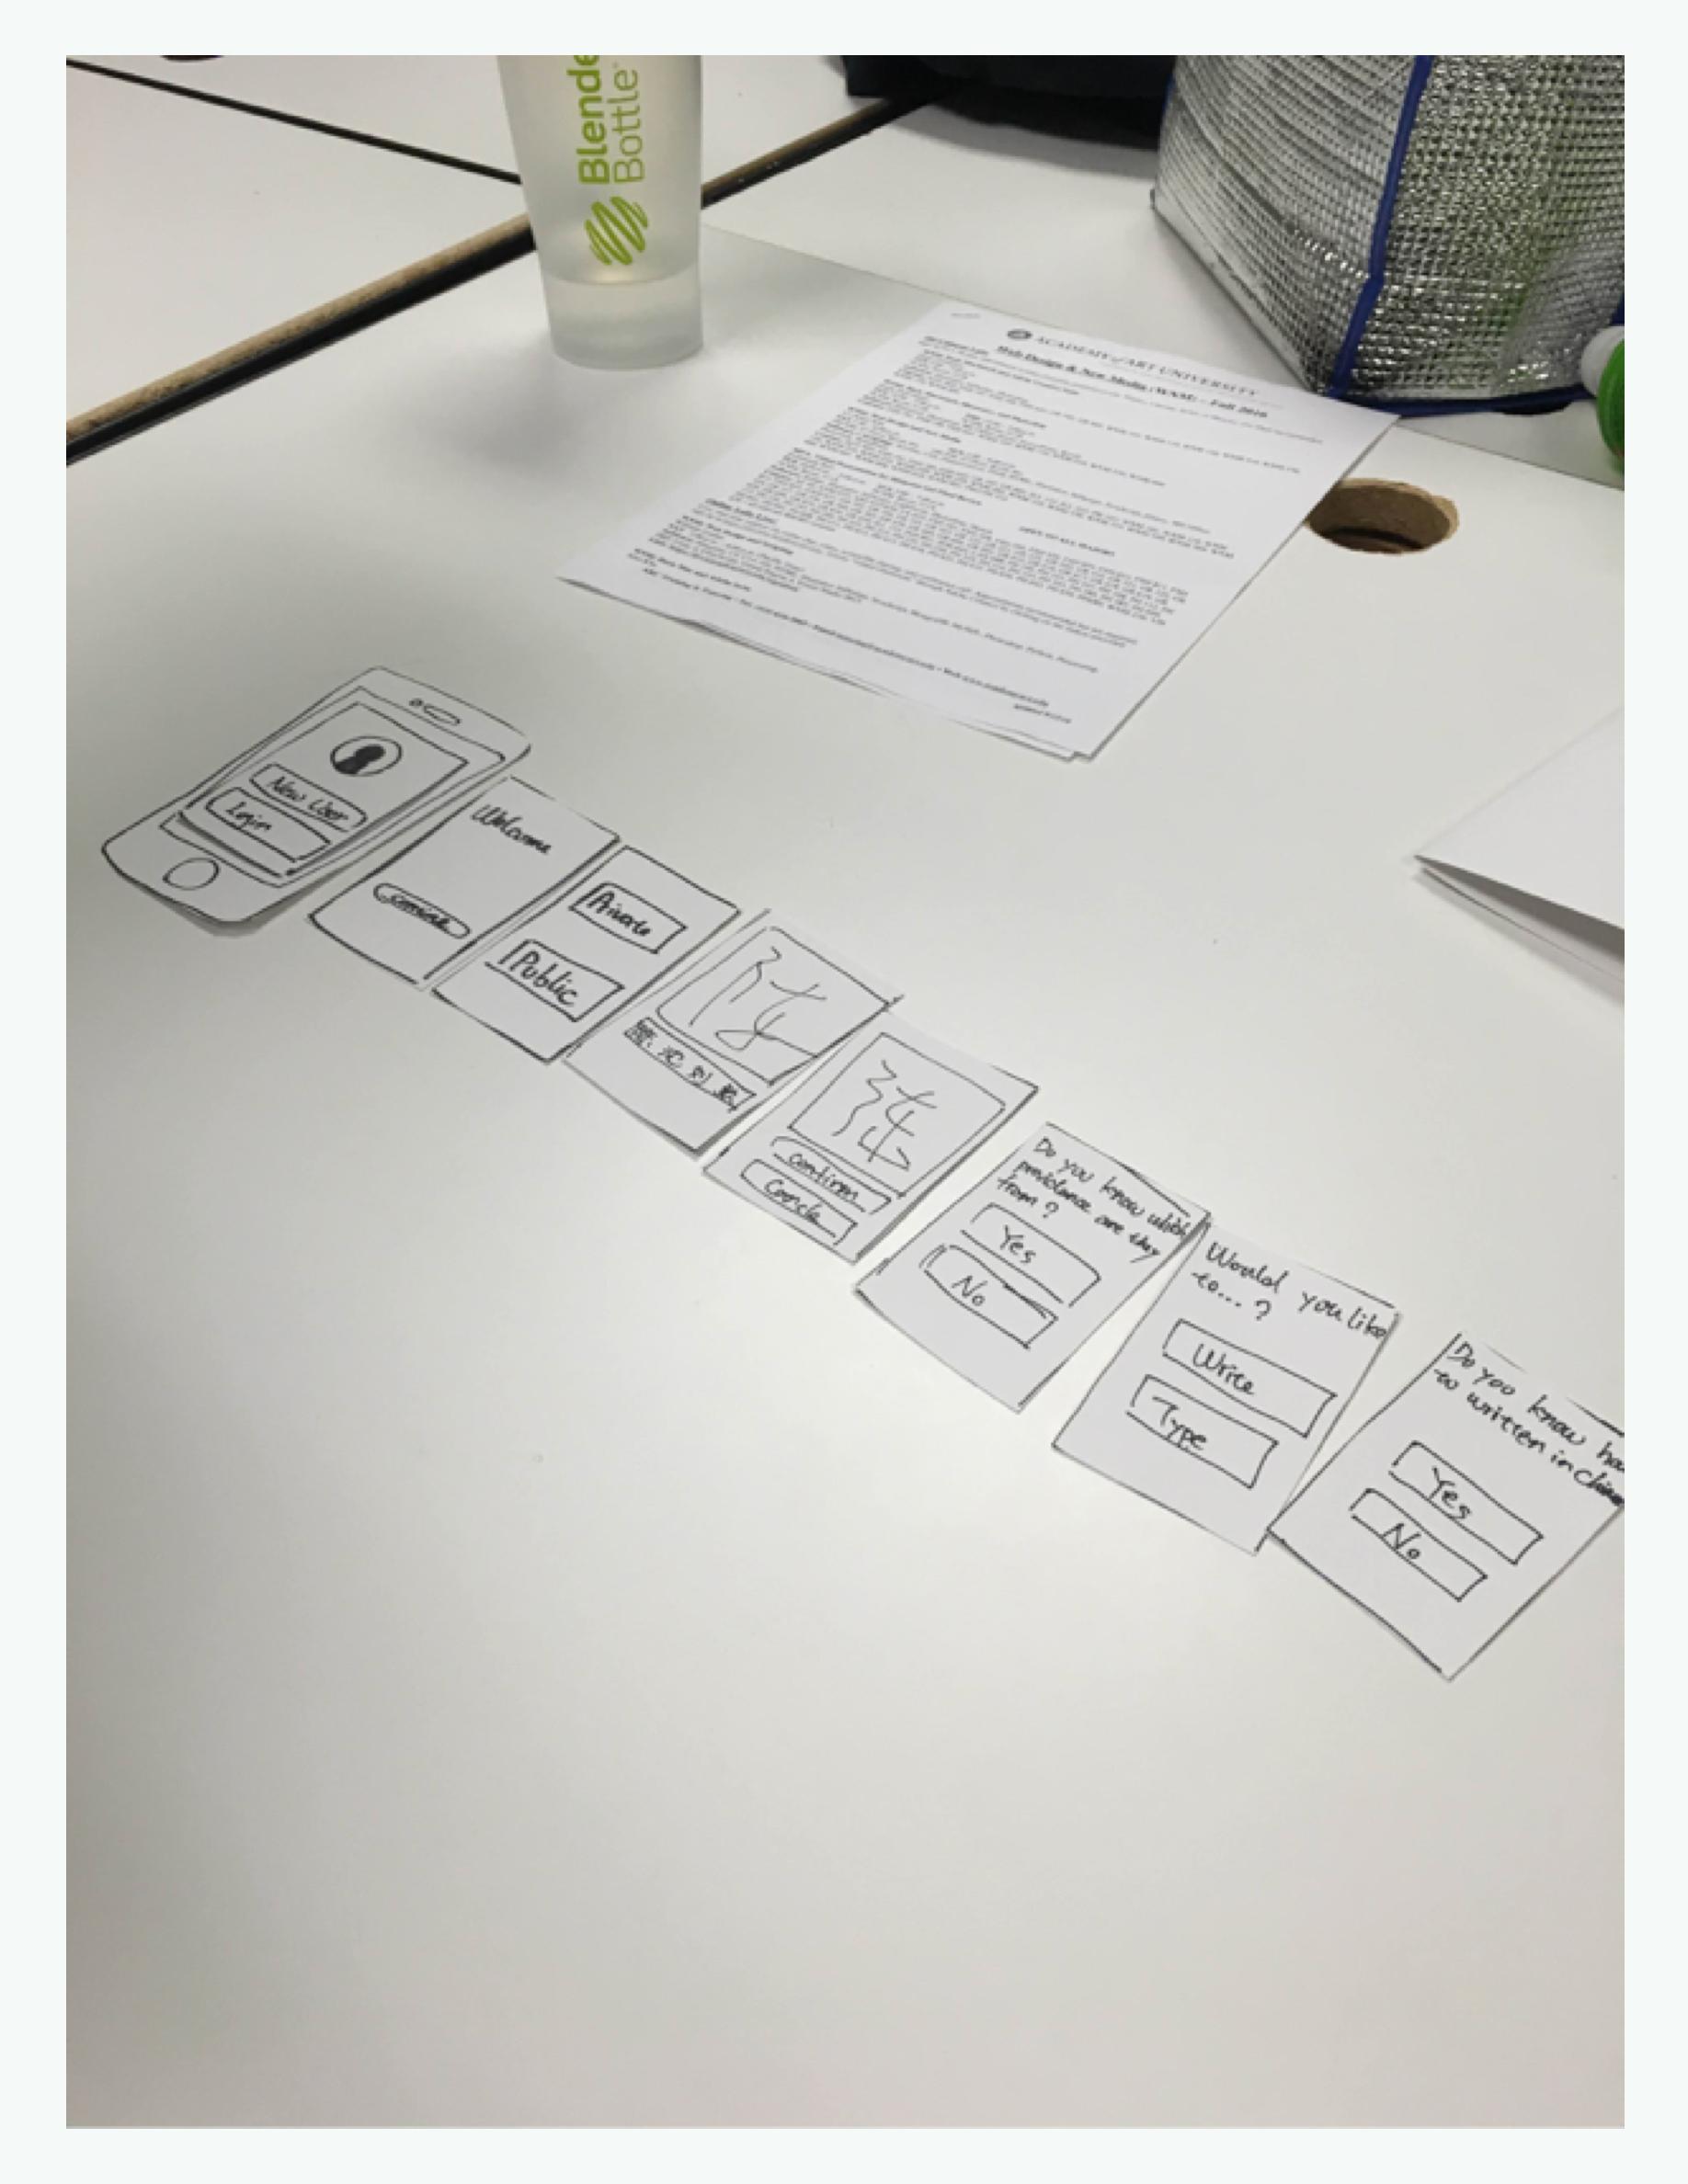 PaperPrototype_3.png